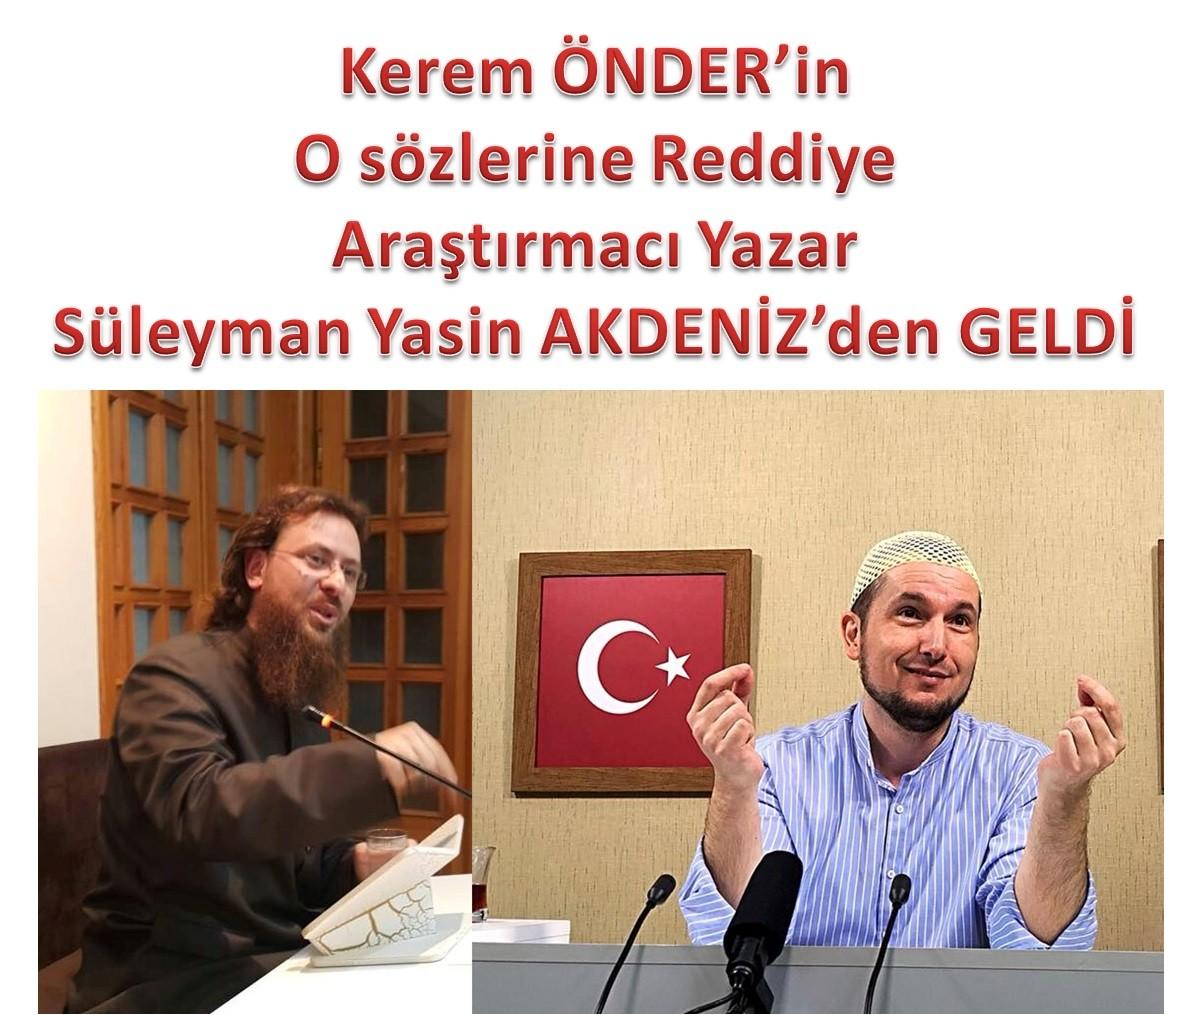 """Bazı Nurcu kardeşlerim: """"Saidi Nursî, Mehdi"""" diyor! Bu taassup, Hadislere muhaliftir! / Kerem Önder'in  Sözlerine Reddiye"""